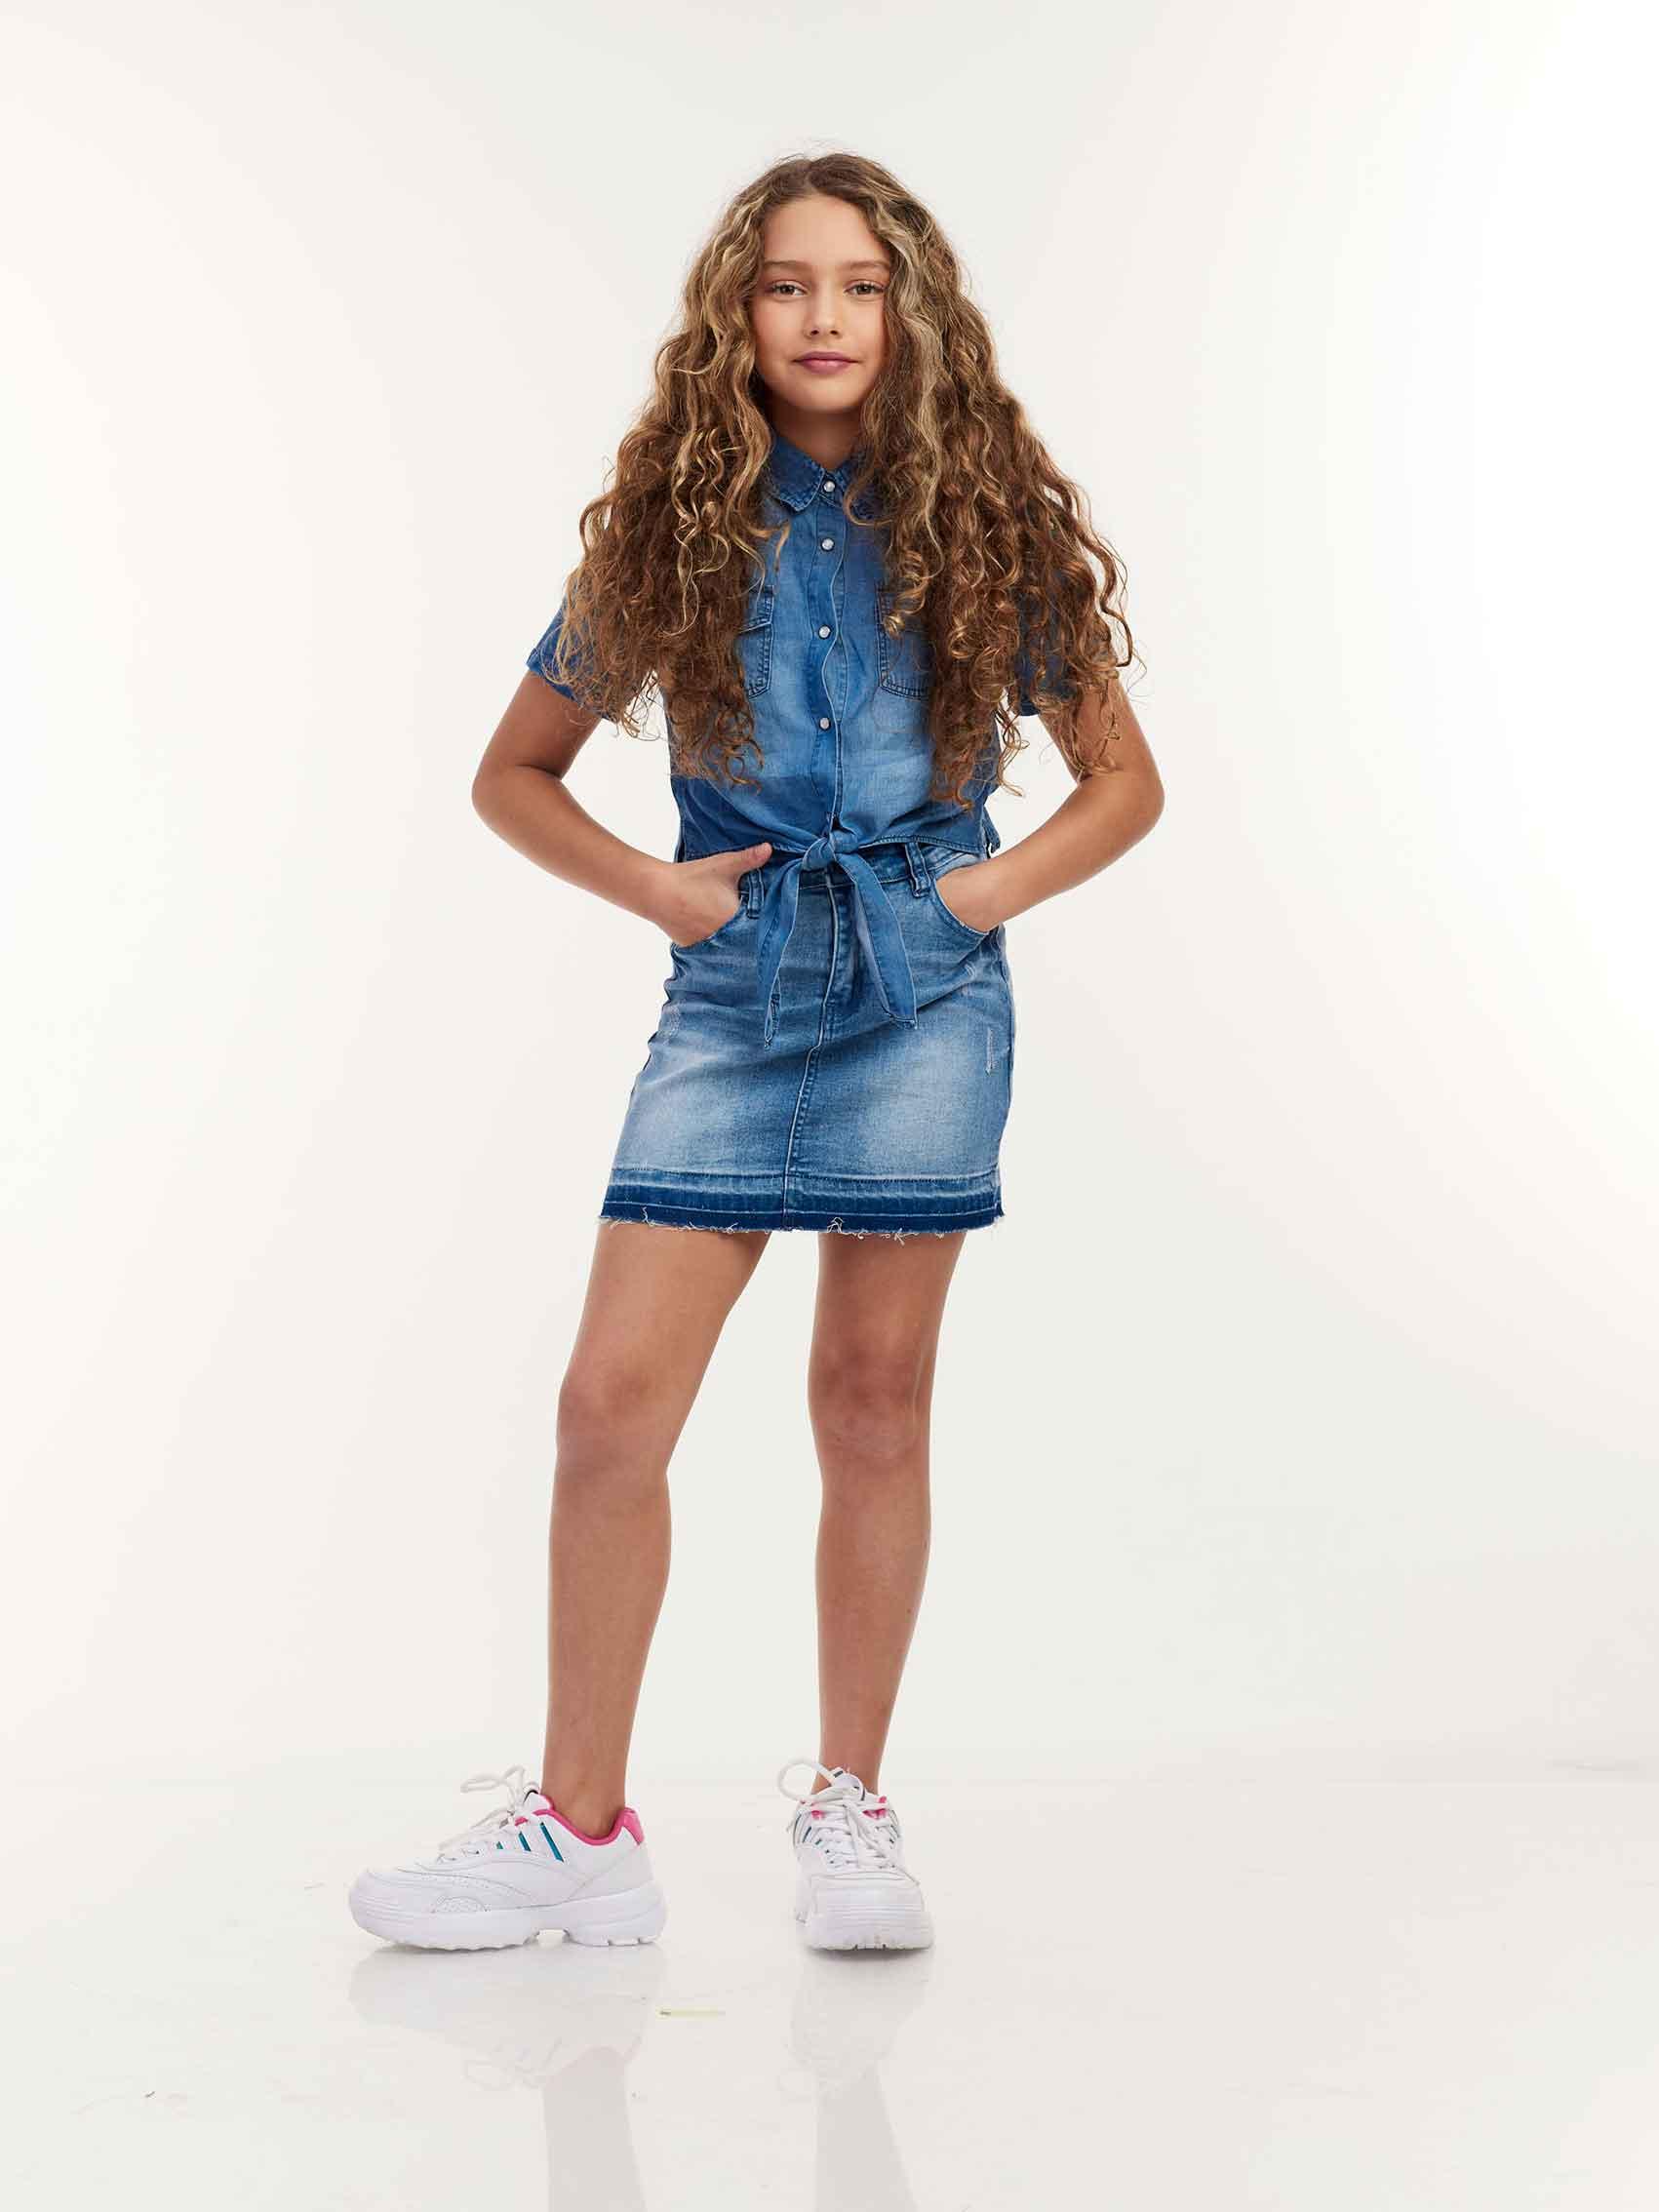 לי-קופר-קידס-חצאית-ג'ינס-119.9-שח,-חולצת-ג'ינס-129.90-שח-צילום-עופר-חג'יוב